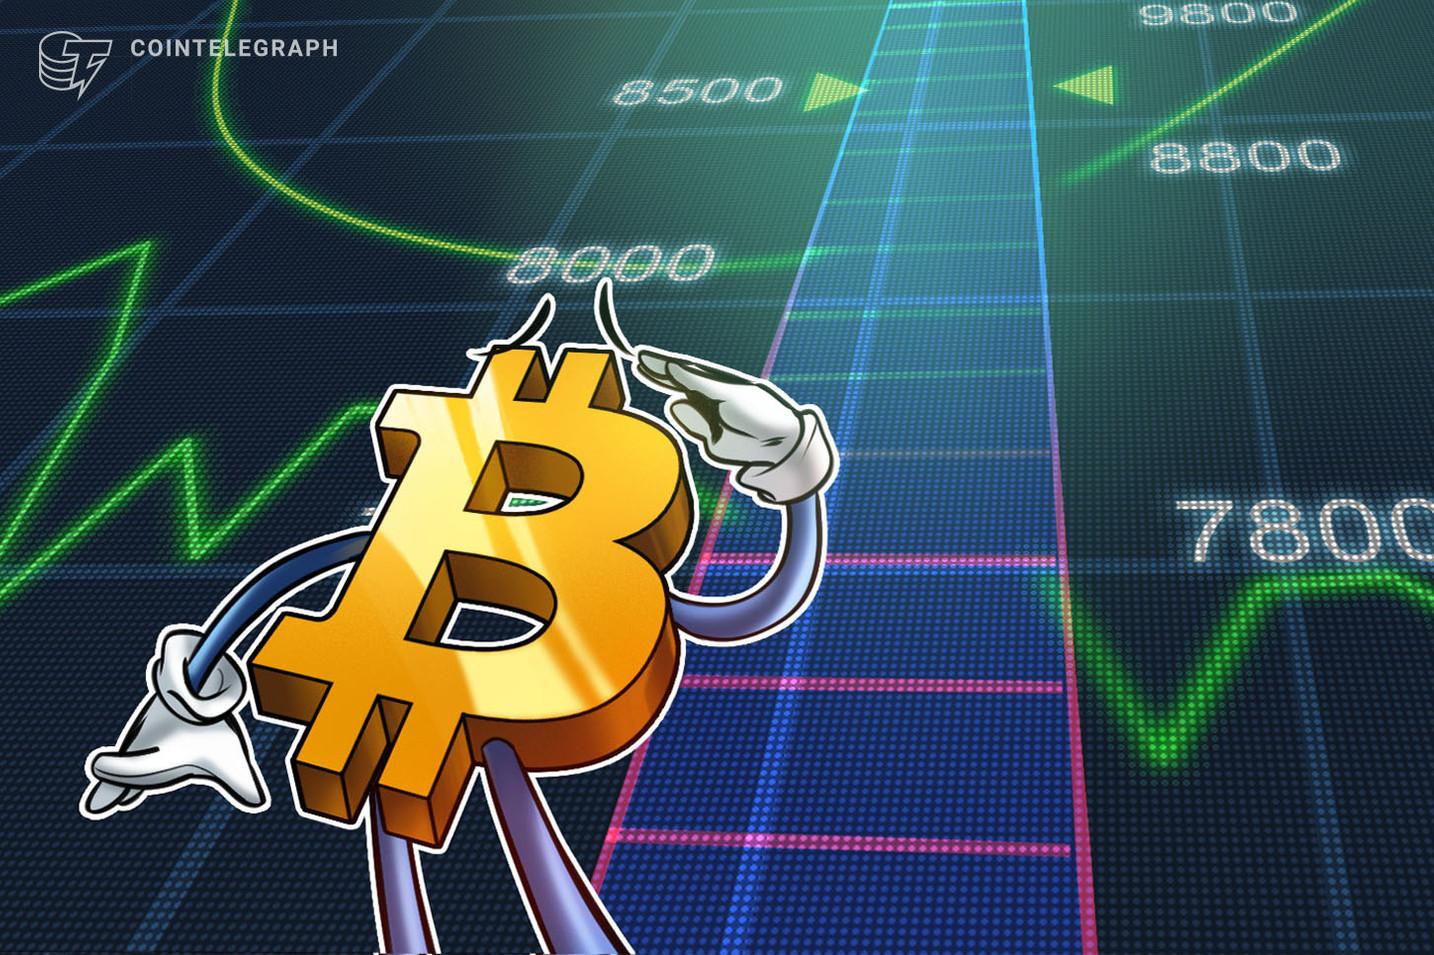 Bitcoin supera los USD 8,000 por primera vez desde julio de 2018, las acciones y el petróleo reportan pérdidas